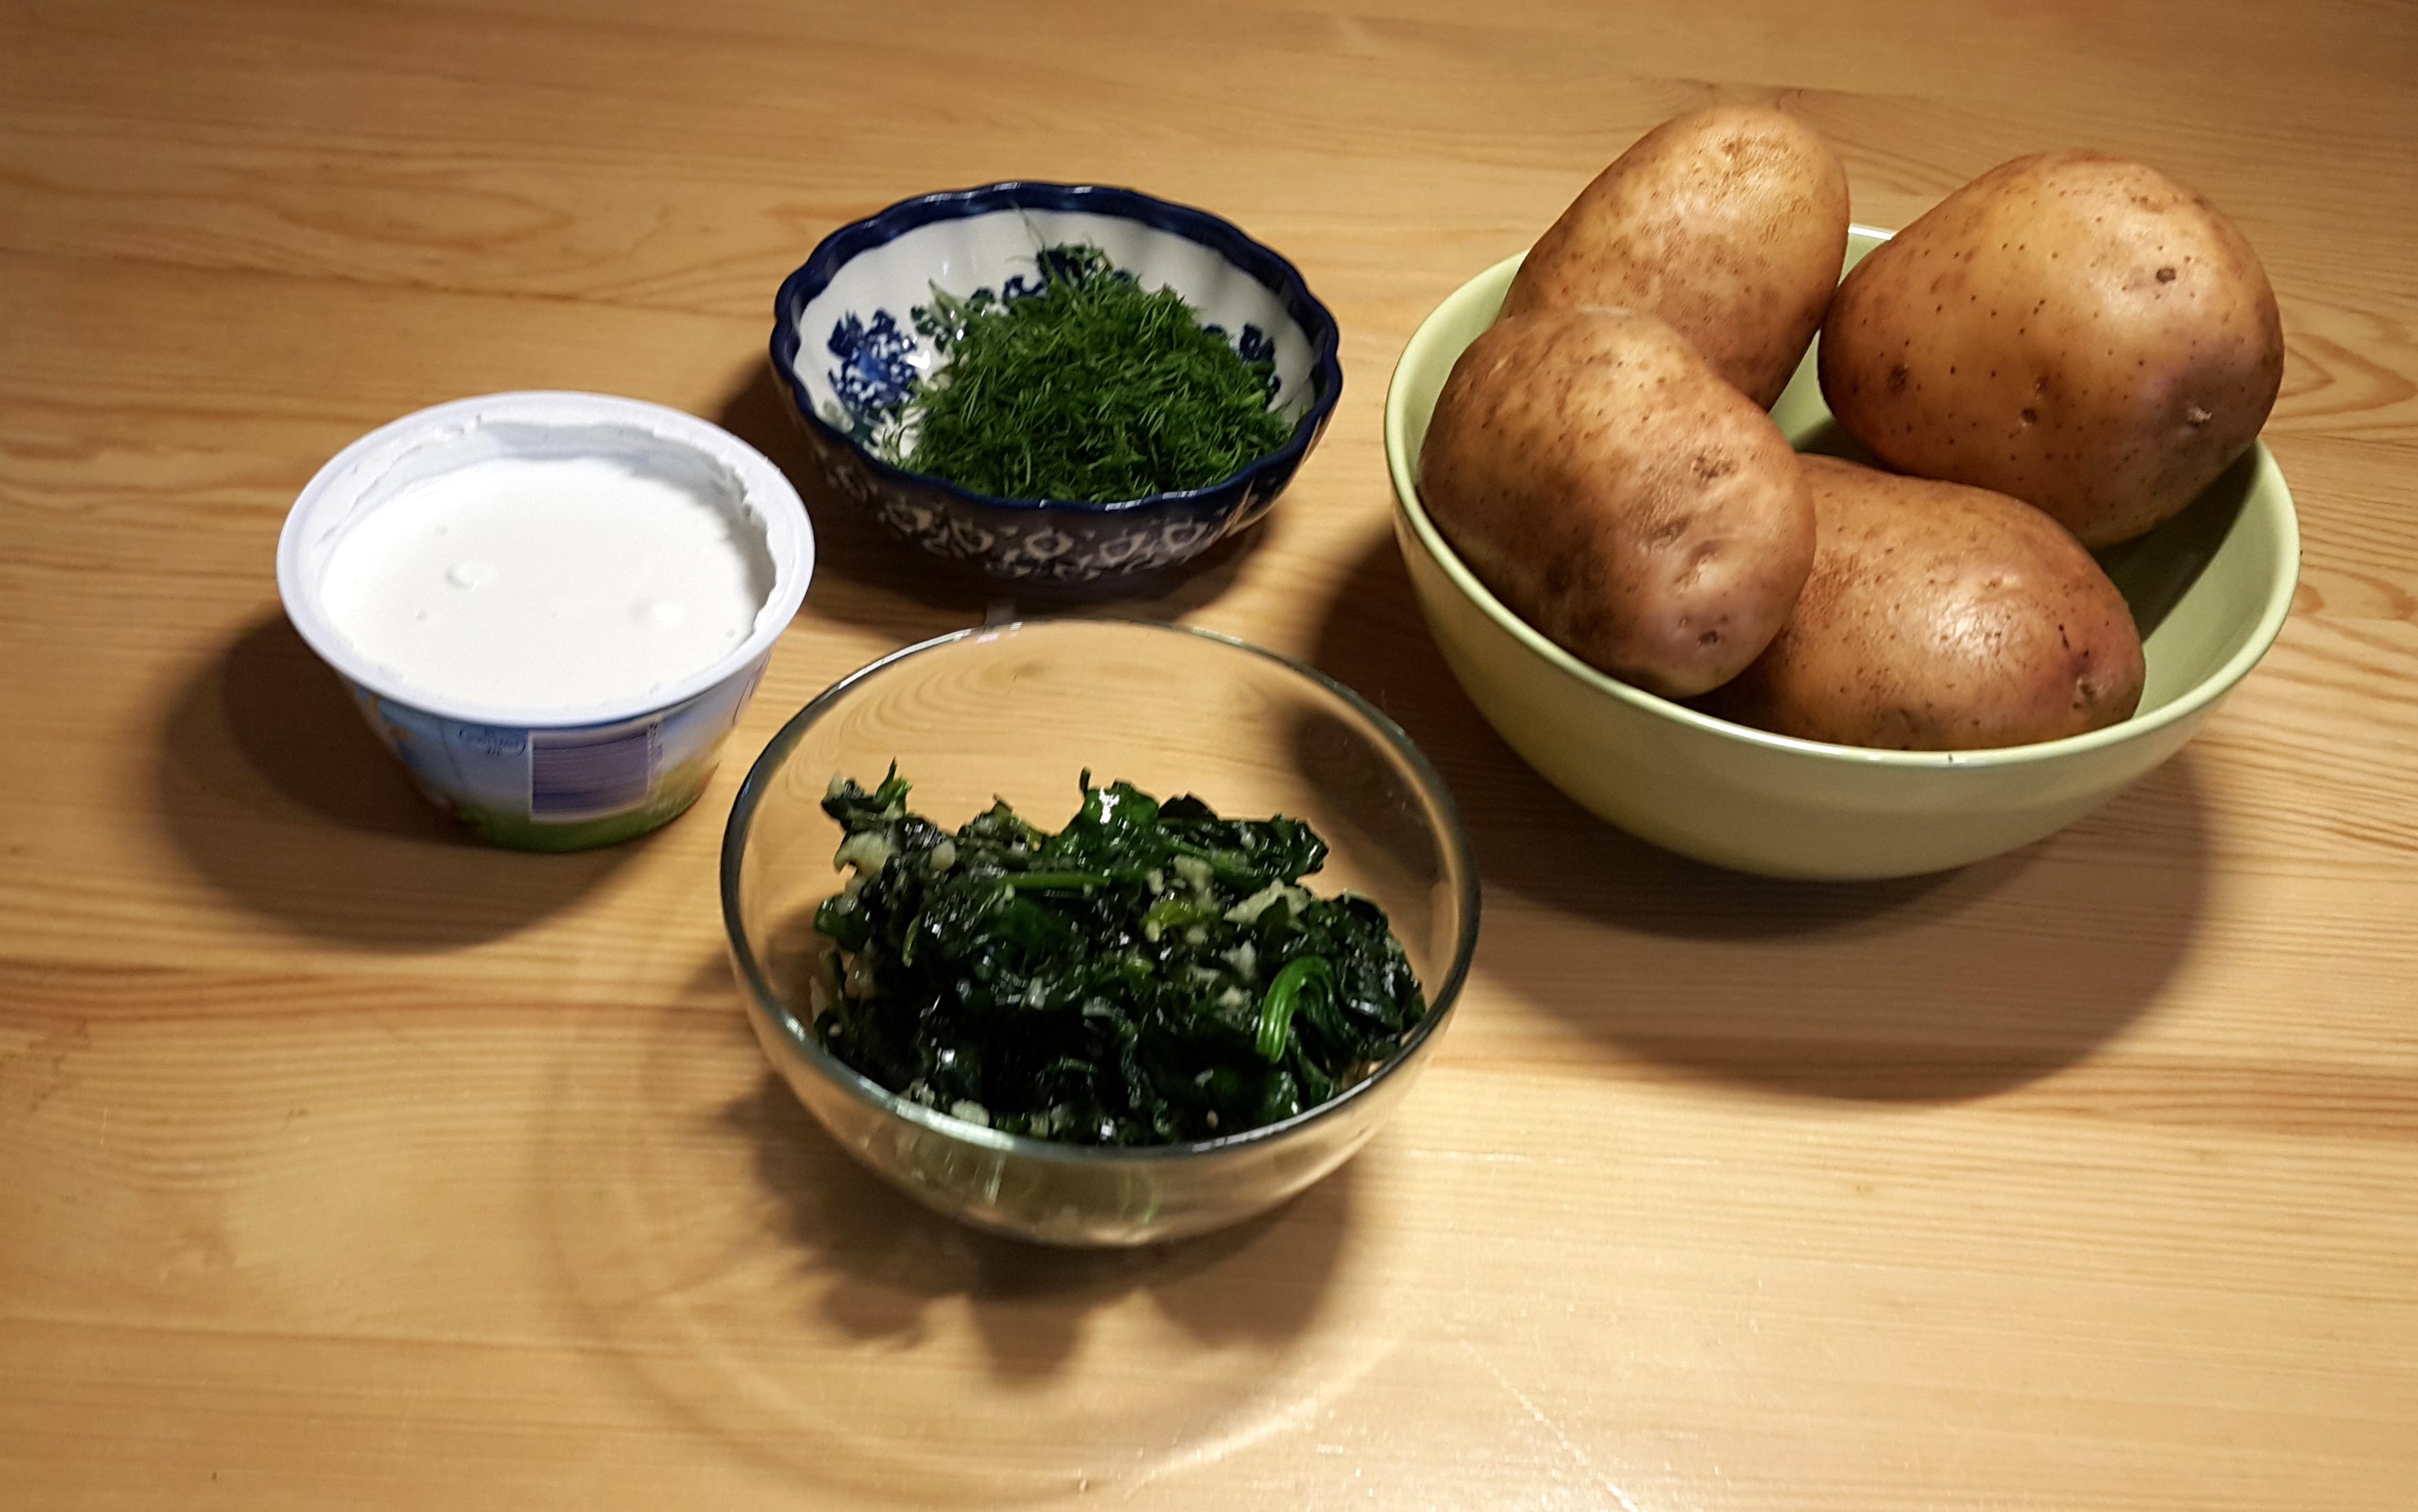 ziemniaki ze szpinakiem składniki